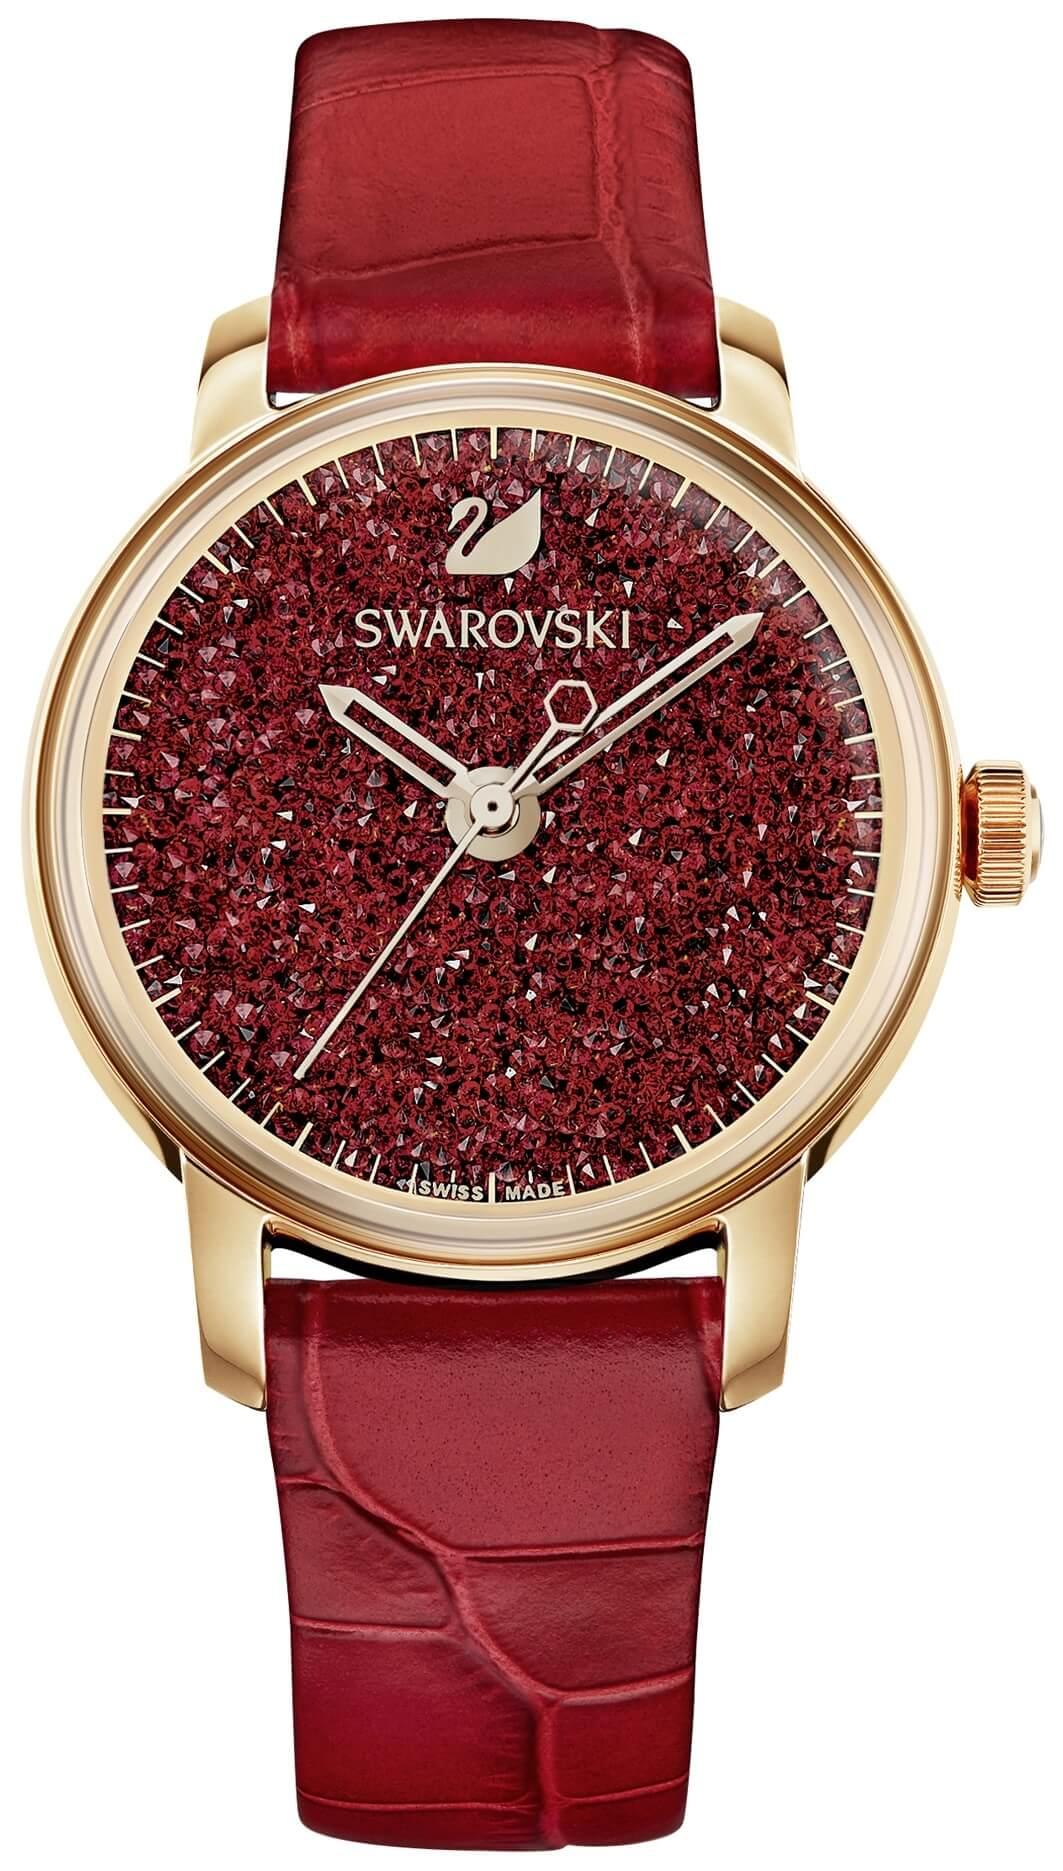 Vyberte si prosím iné produkty značky Swarovski . Ďakujeme za pochopenie. d786e2f7091